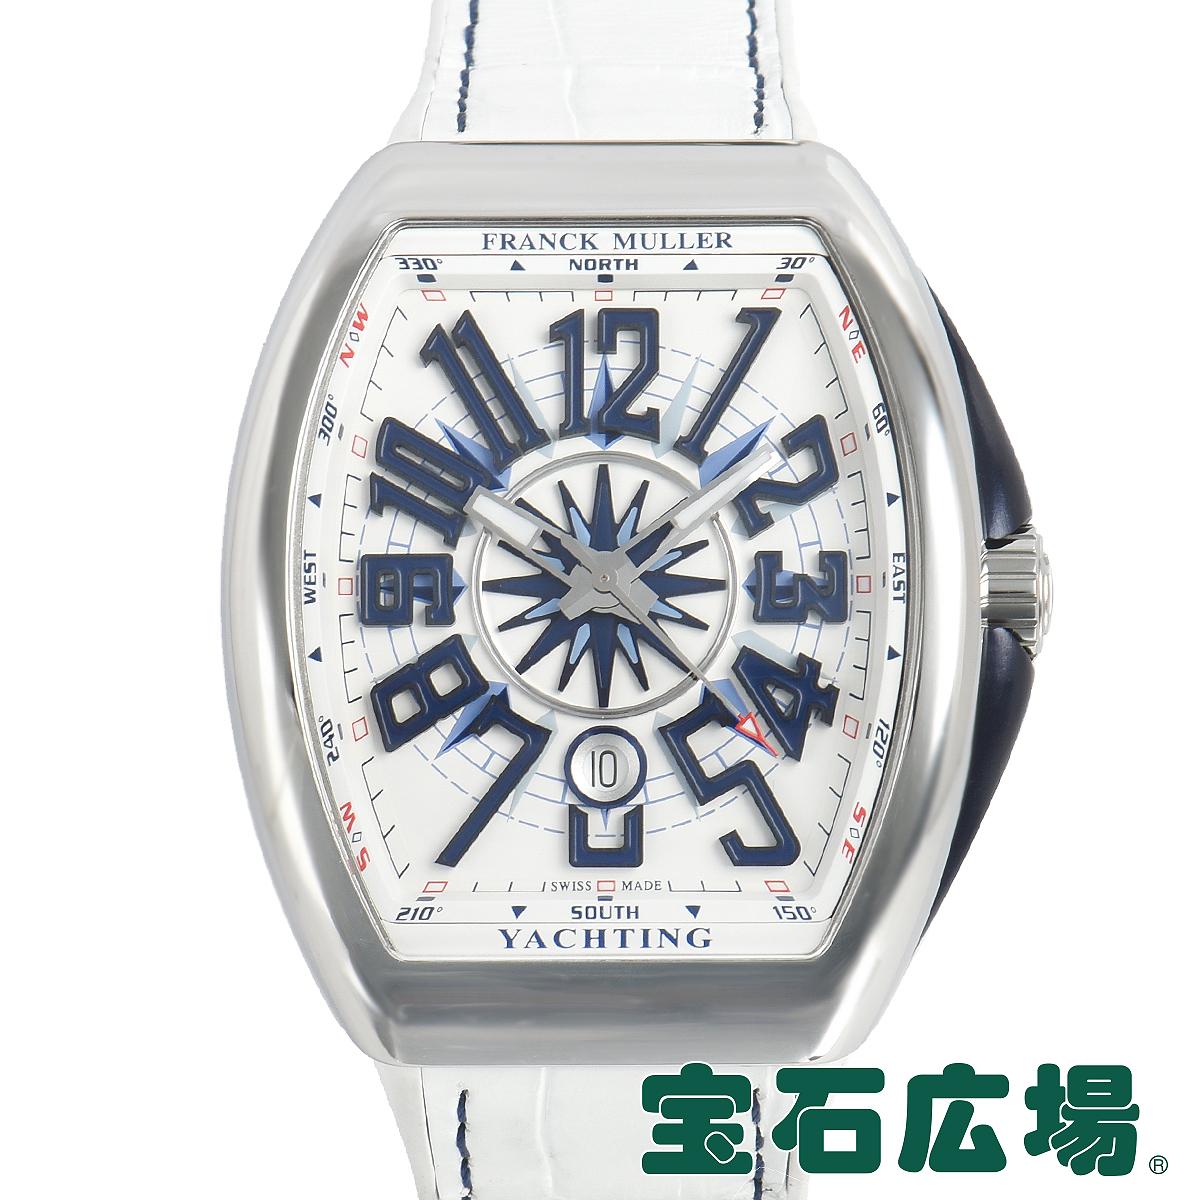 フランクミュラー FRANCK MULLER ヴァンガード ヨッティング V45SCDT YACHTING【新品】メンズ 腕時計 送料・代引手数料無料